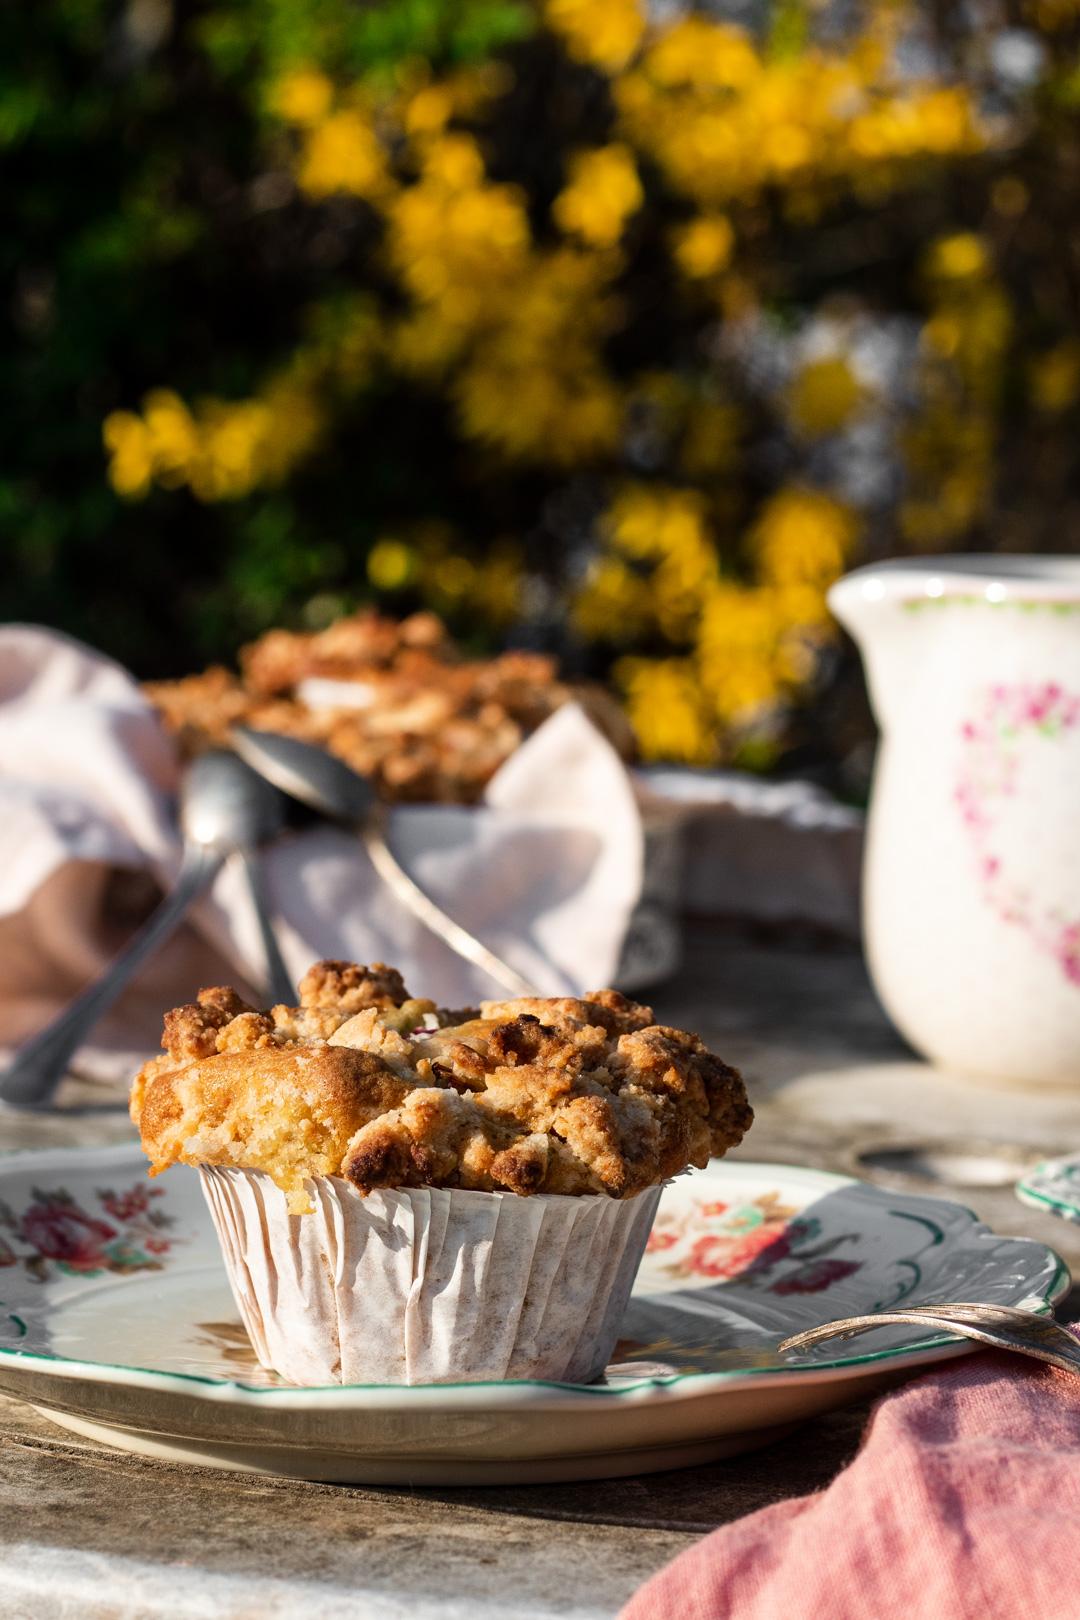 Rhabarber-Muffins mit Marzipanstreuseln